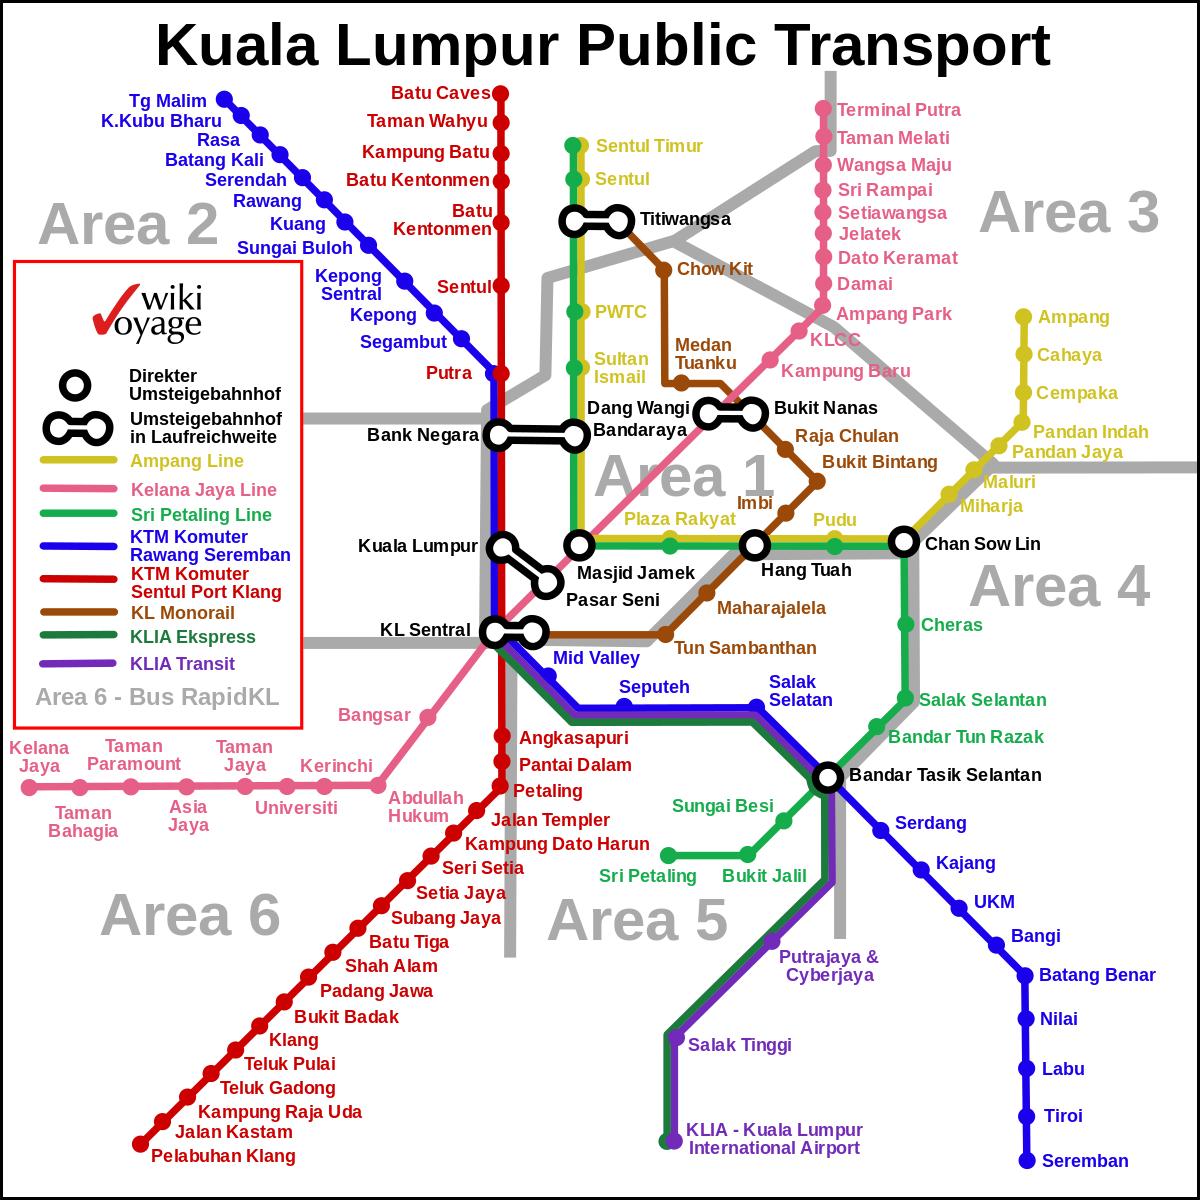 Kuala Lumpur Malaysia Map: Kuala Lumpur Public Transport